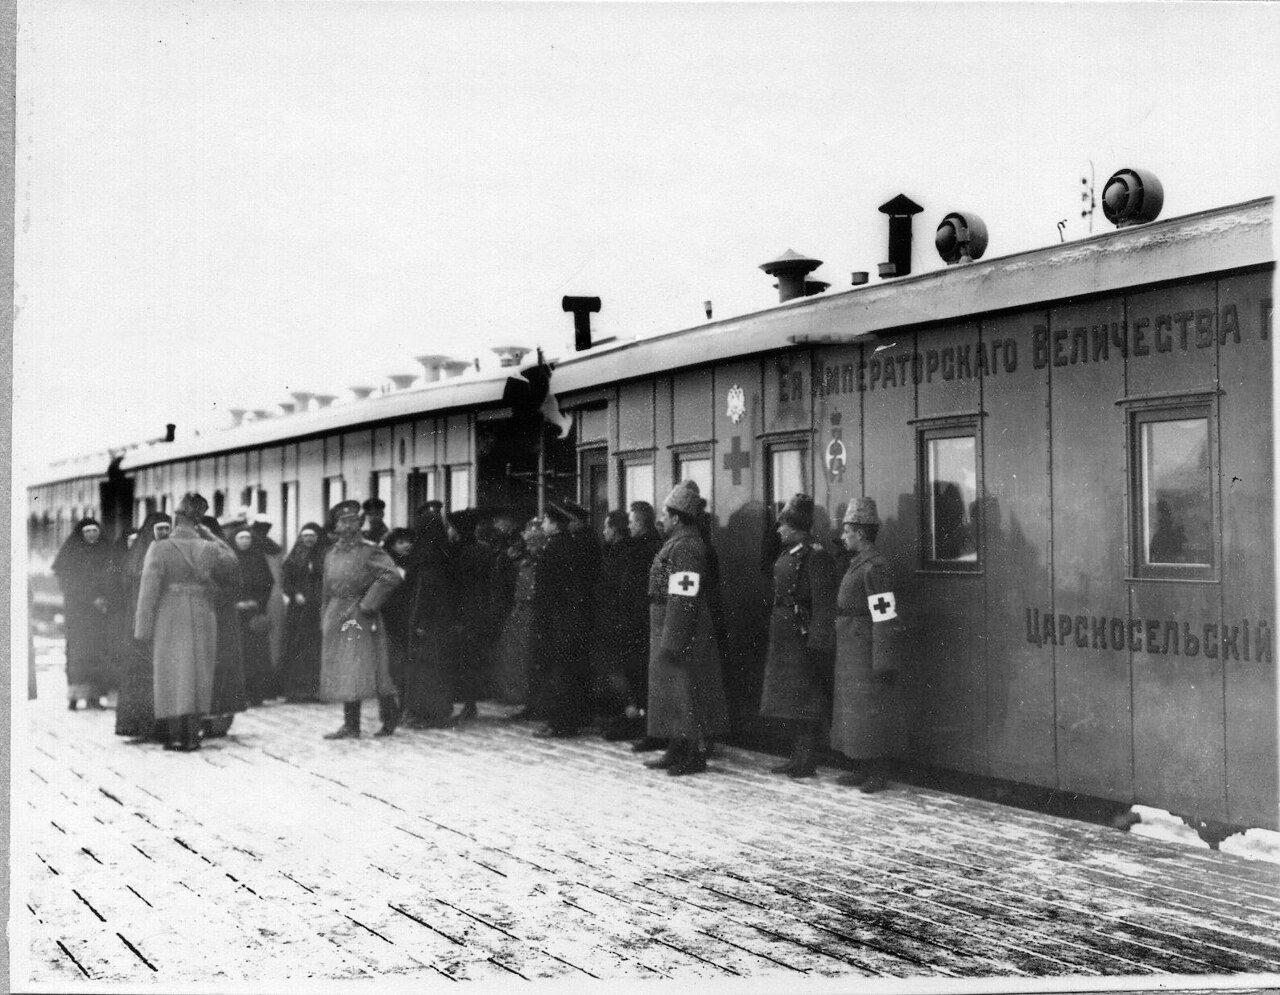 06. Группа медицинского персонала у поезда на перроне вокзала